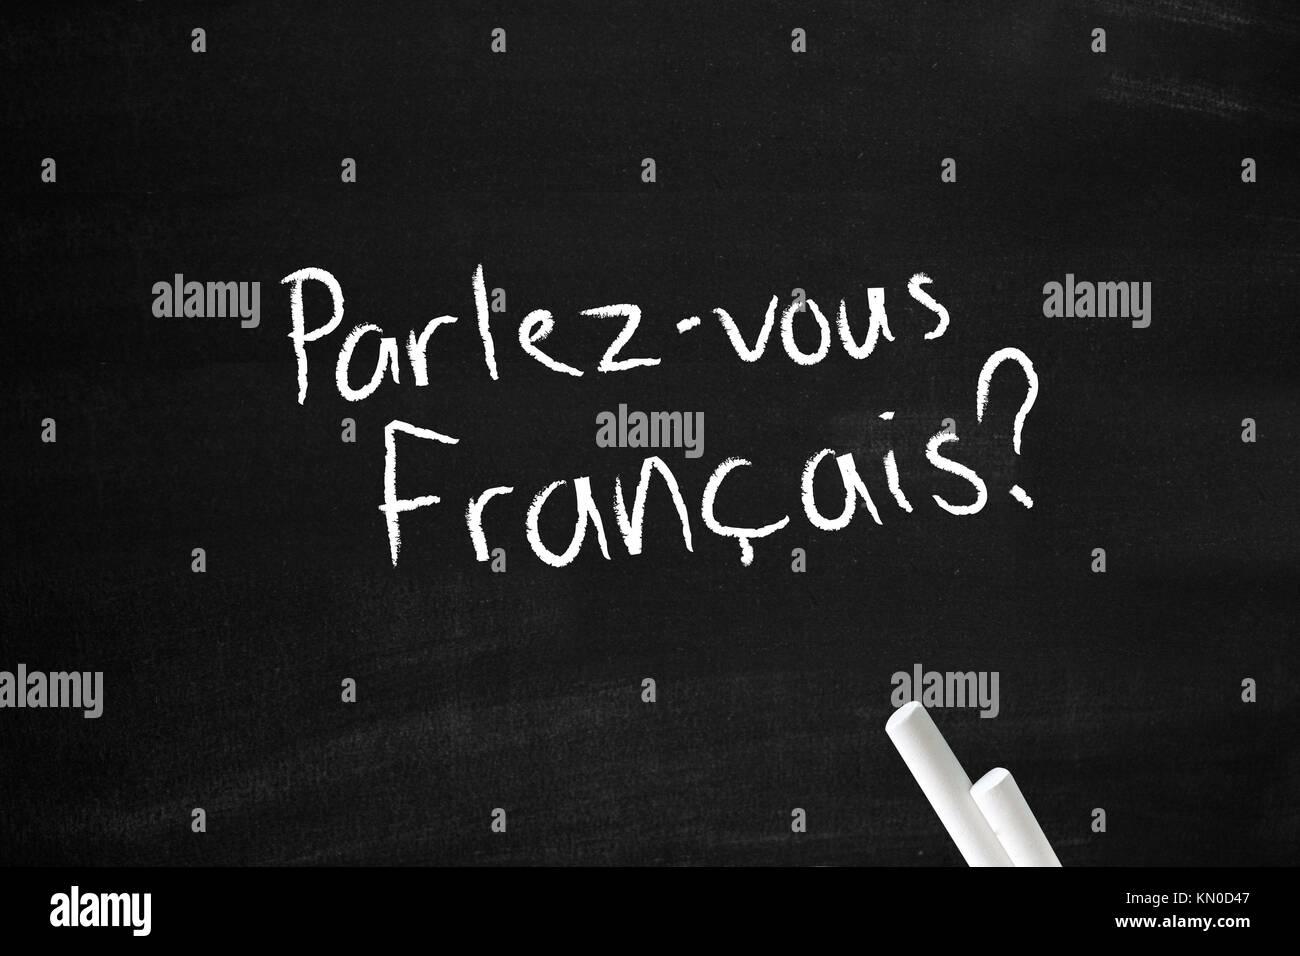 Parlez-vous francais Photo Stock